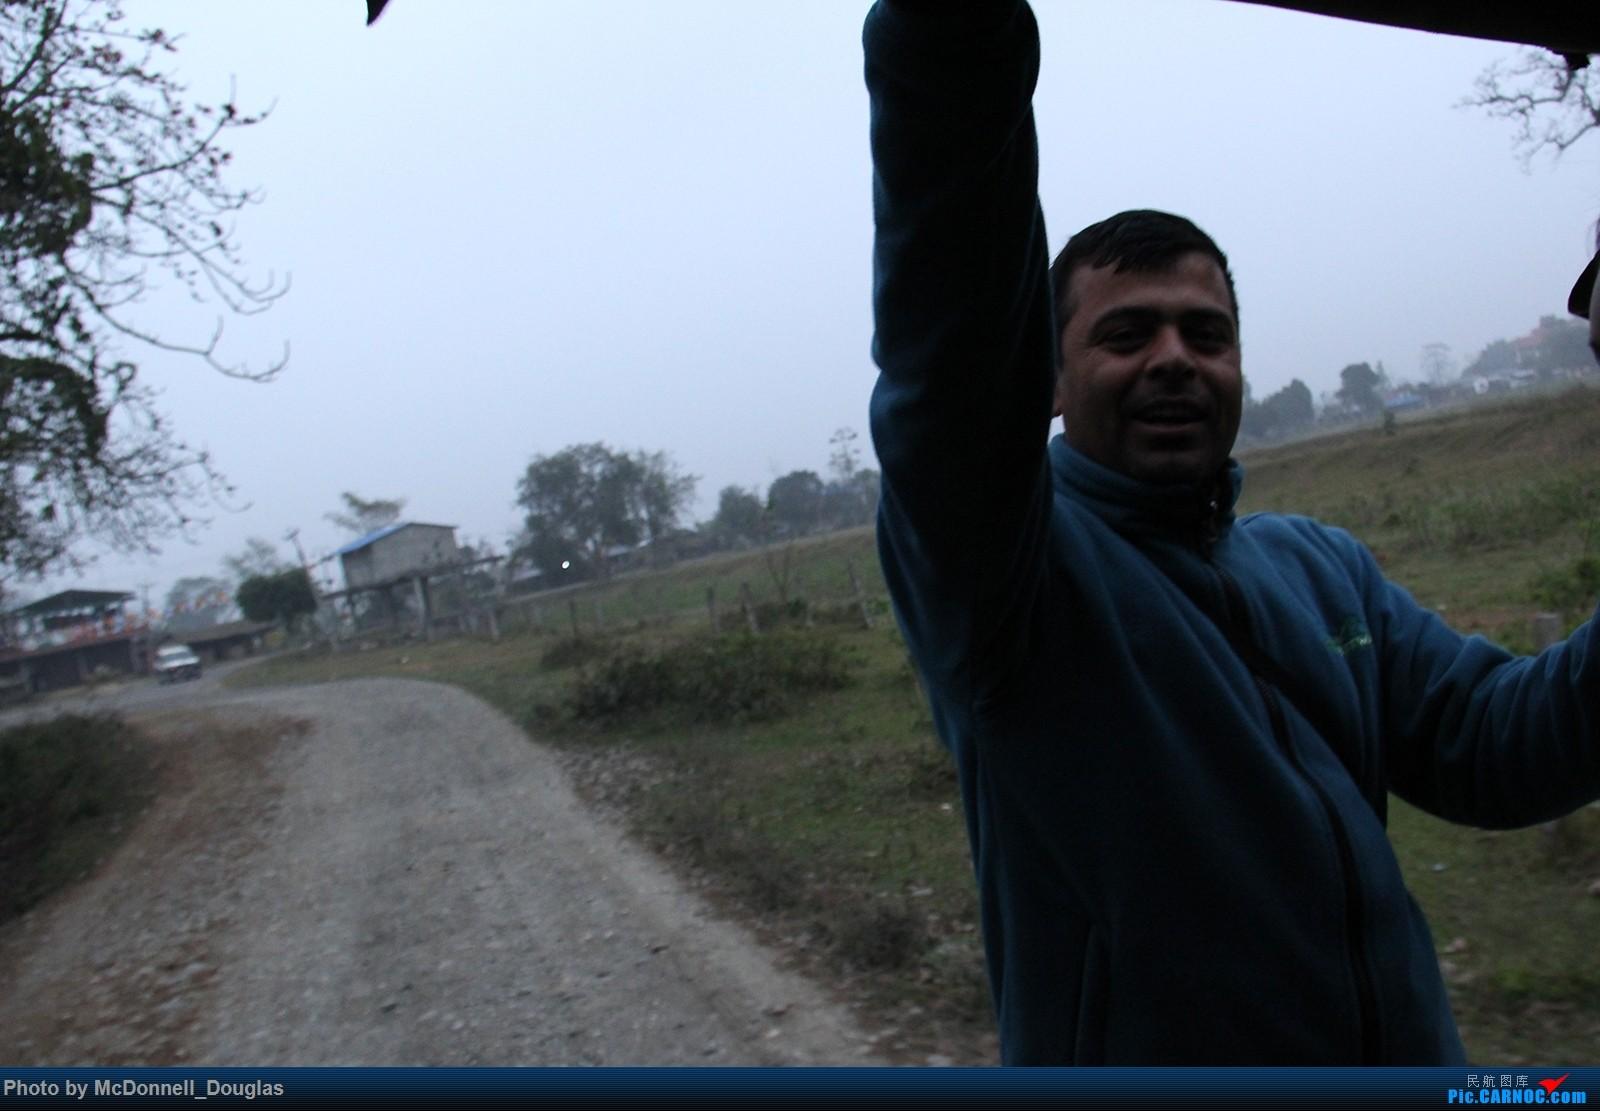 Re:[原创]【上海飞友会】【zc带你游天下(4)】不远千里飞跃喜马拉雅去看你,探寻高山另一边的神秘国度,和一群贫穷却快乐着的人们